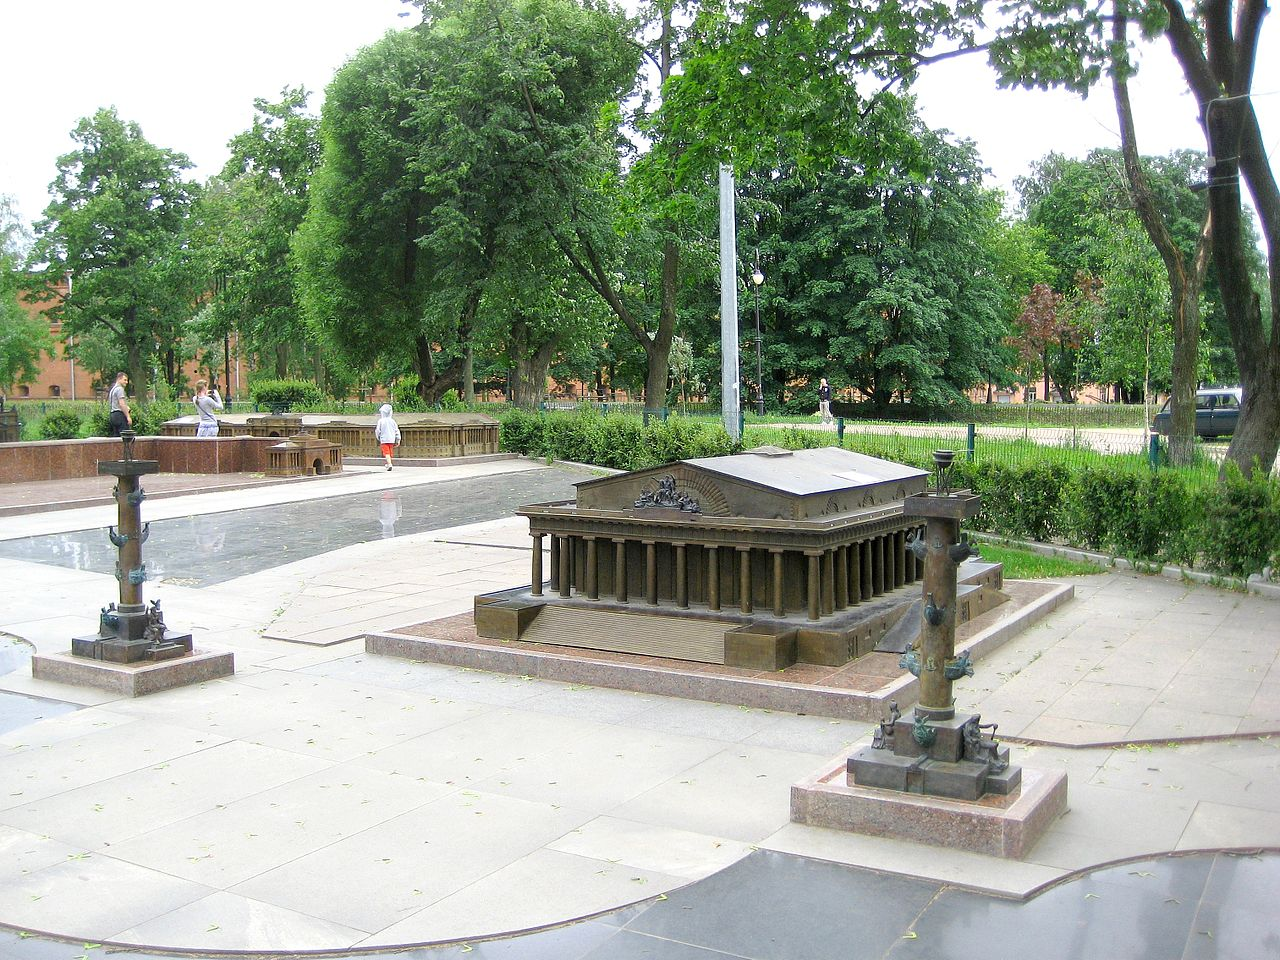 Александровский парк, Биржа и ростральные колонны стрелки Васильевского острова в миниатюре